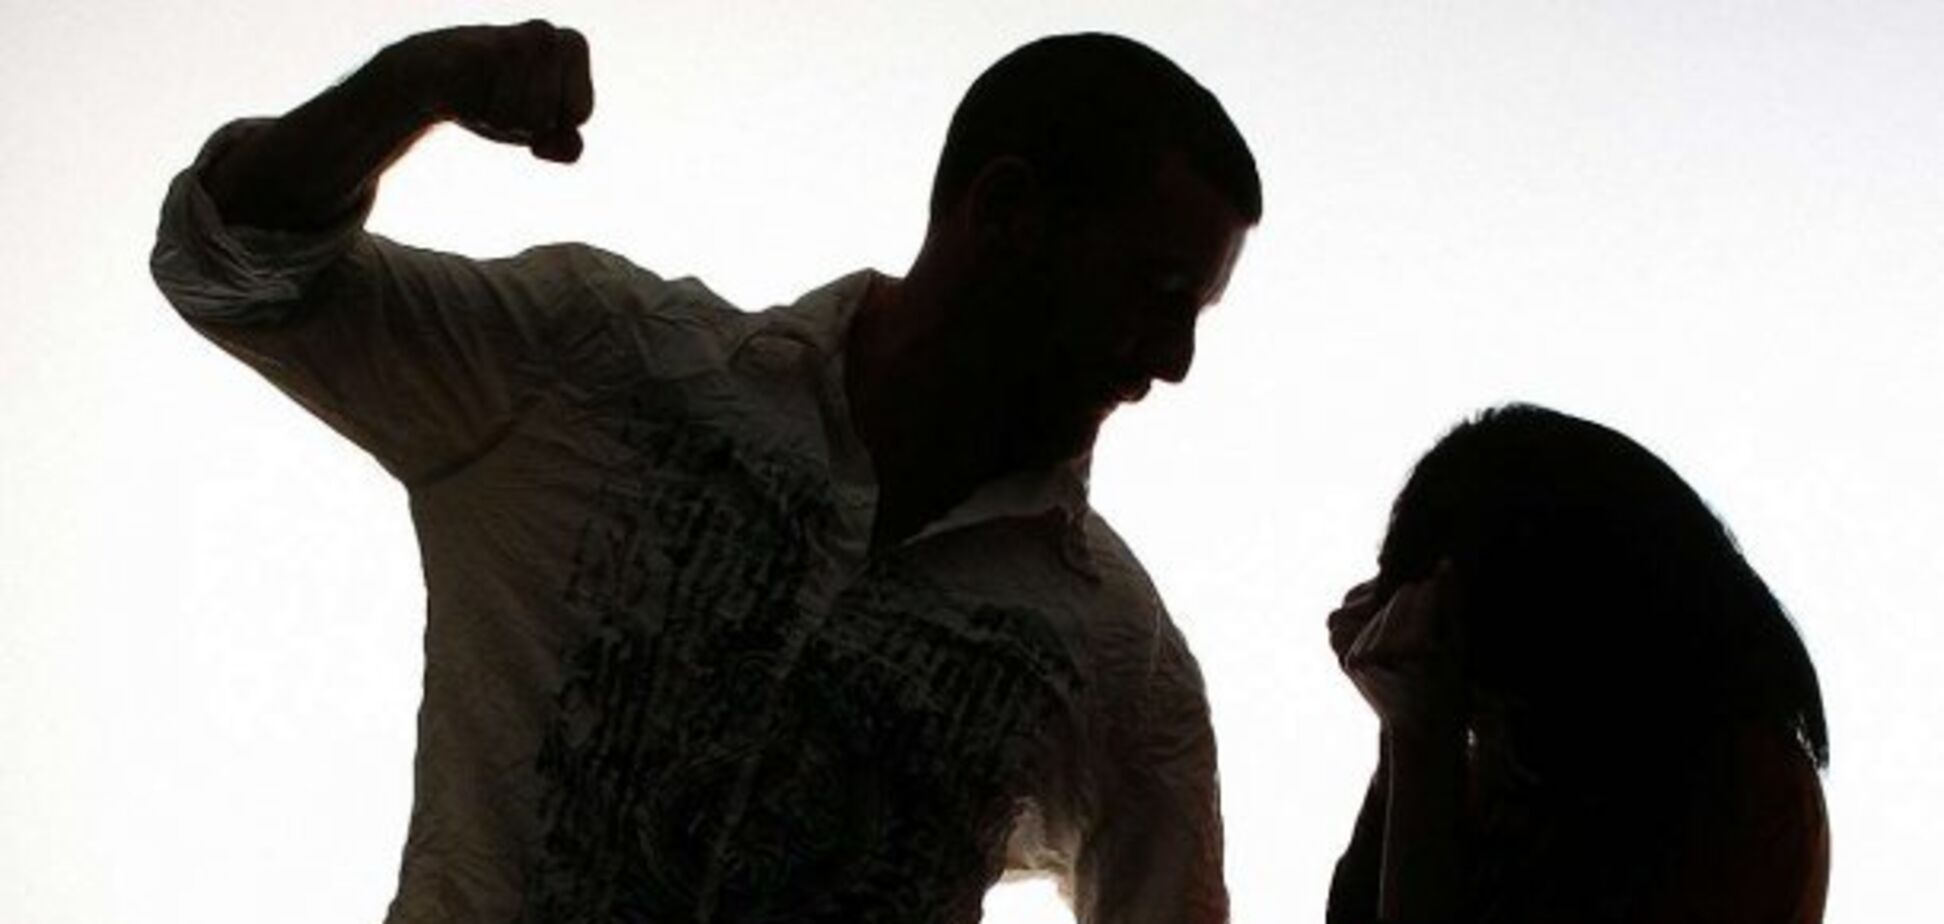 Задушил и сбросил в колодец: жителя Орловщины судят за убийство беременной женщины